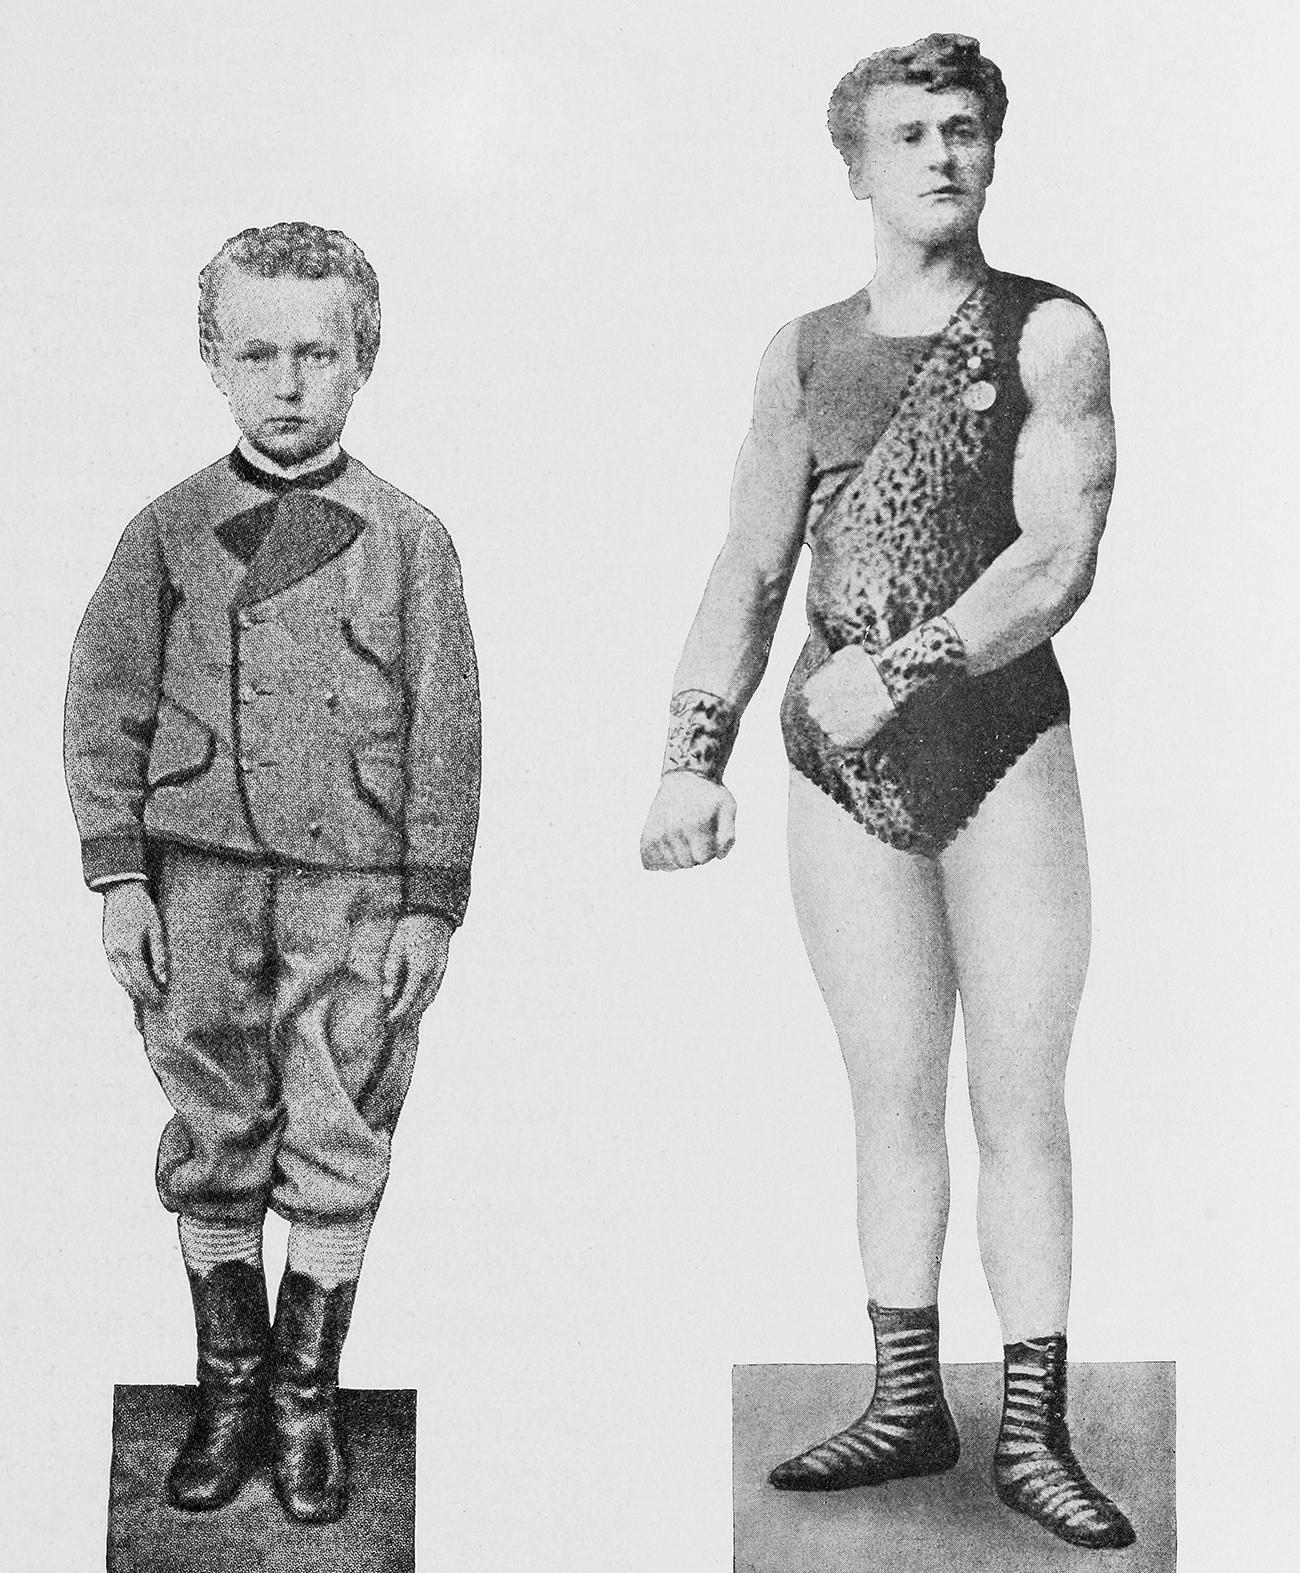 Jevgenij Sandov pri 10 (levo) in 18 (desno) letih